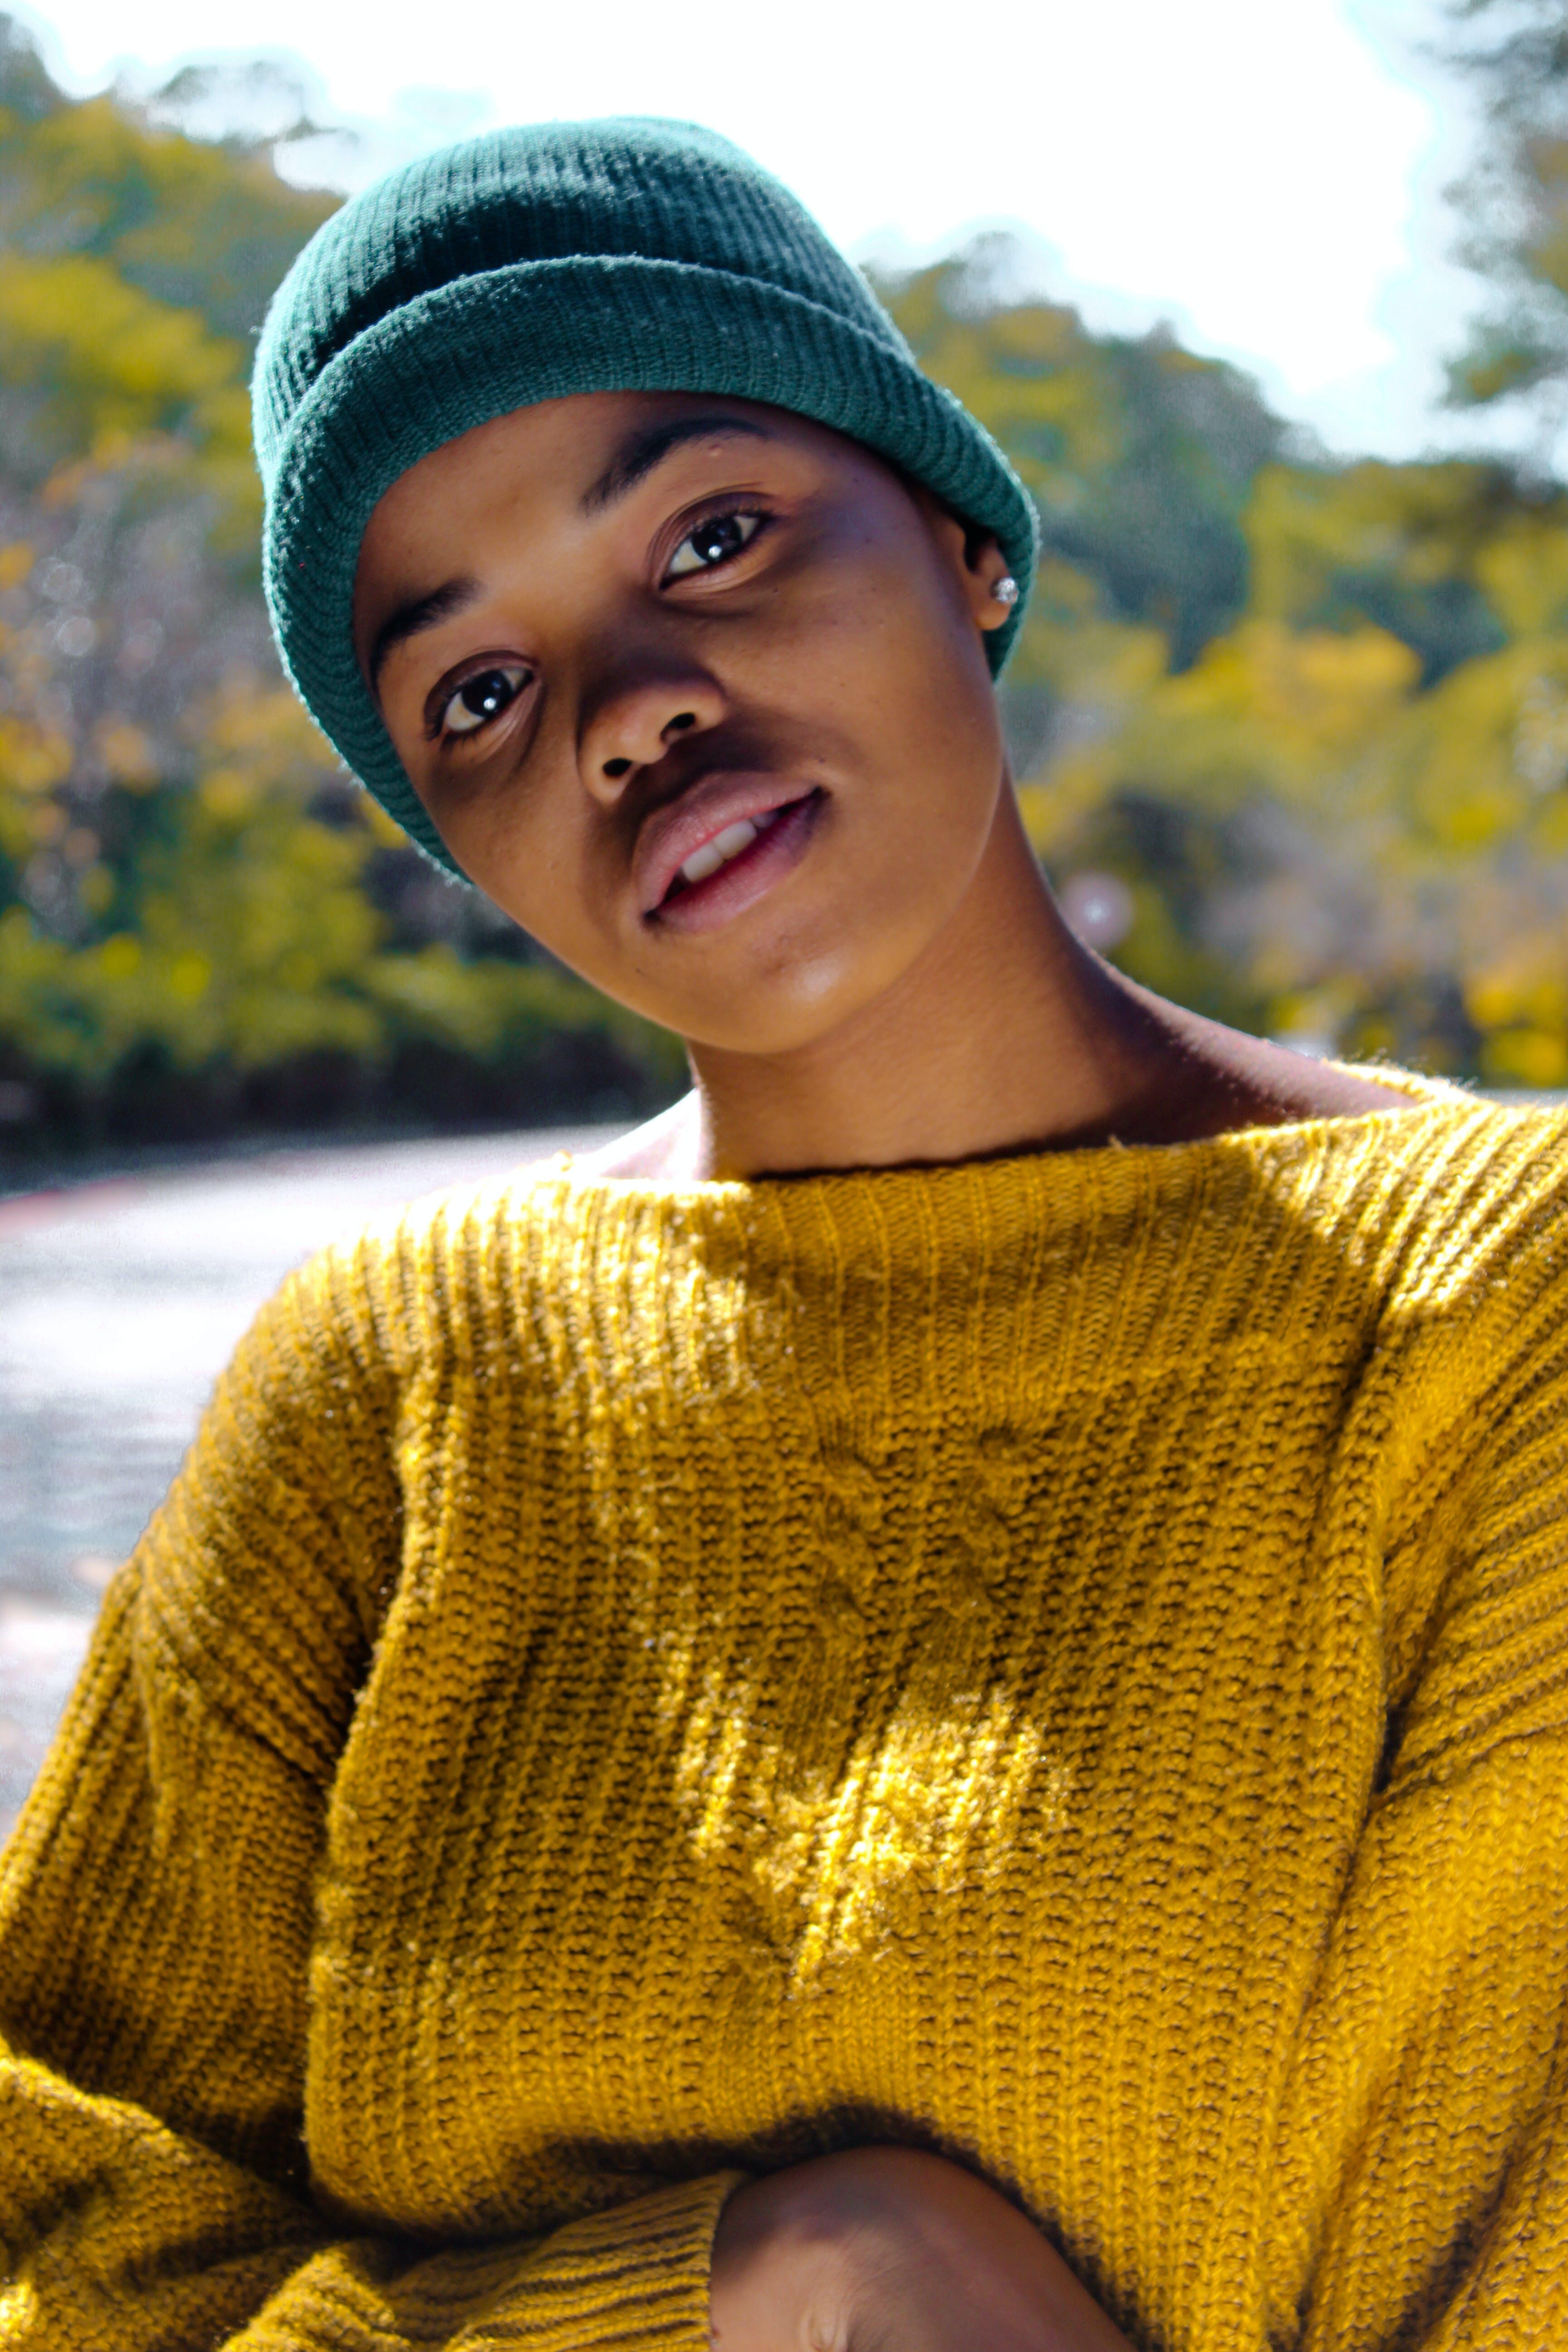 Kostnadsfri bild av ansiktsuttryck, dagsljus, flicka, gul